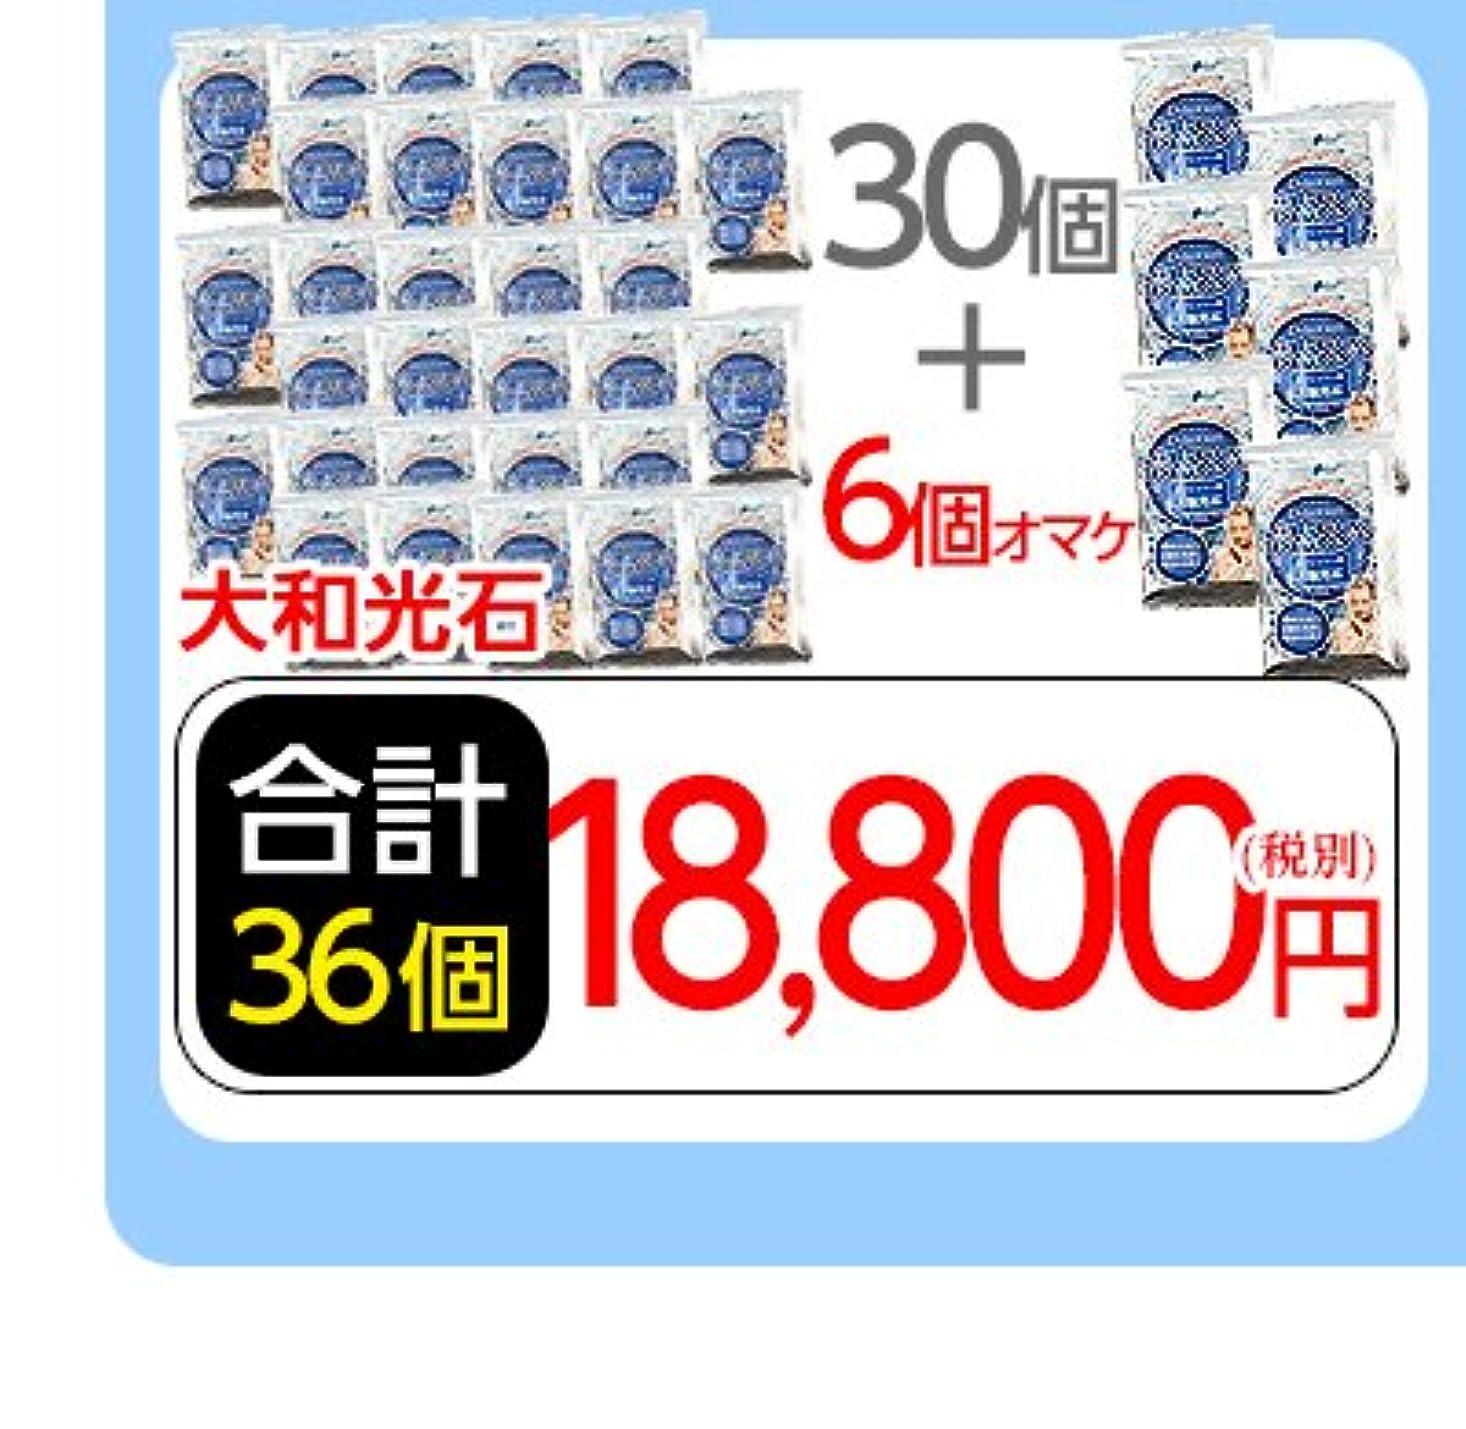 舌食器棚試すデトキシャン水素スパ☆大和光石30個+6個オマケ